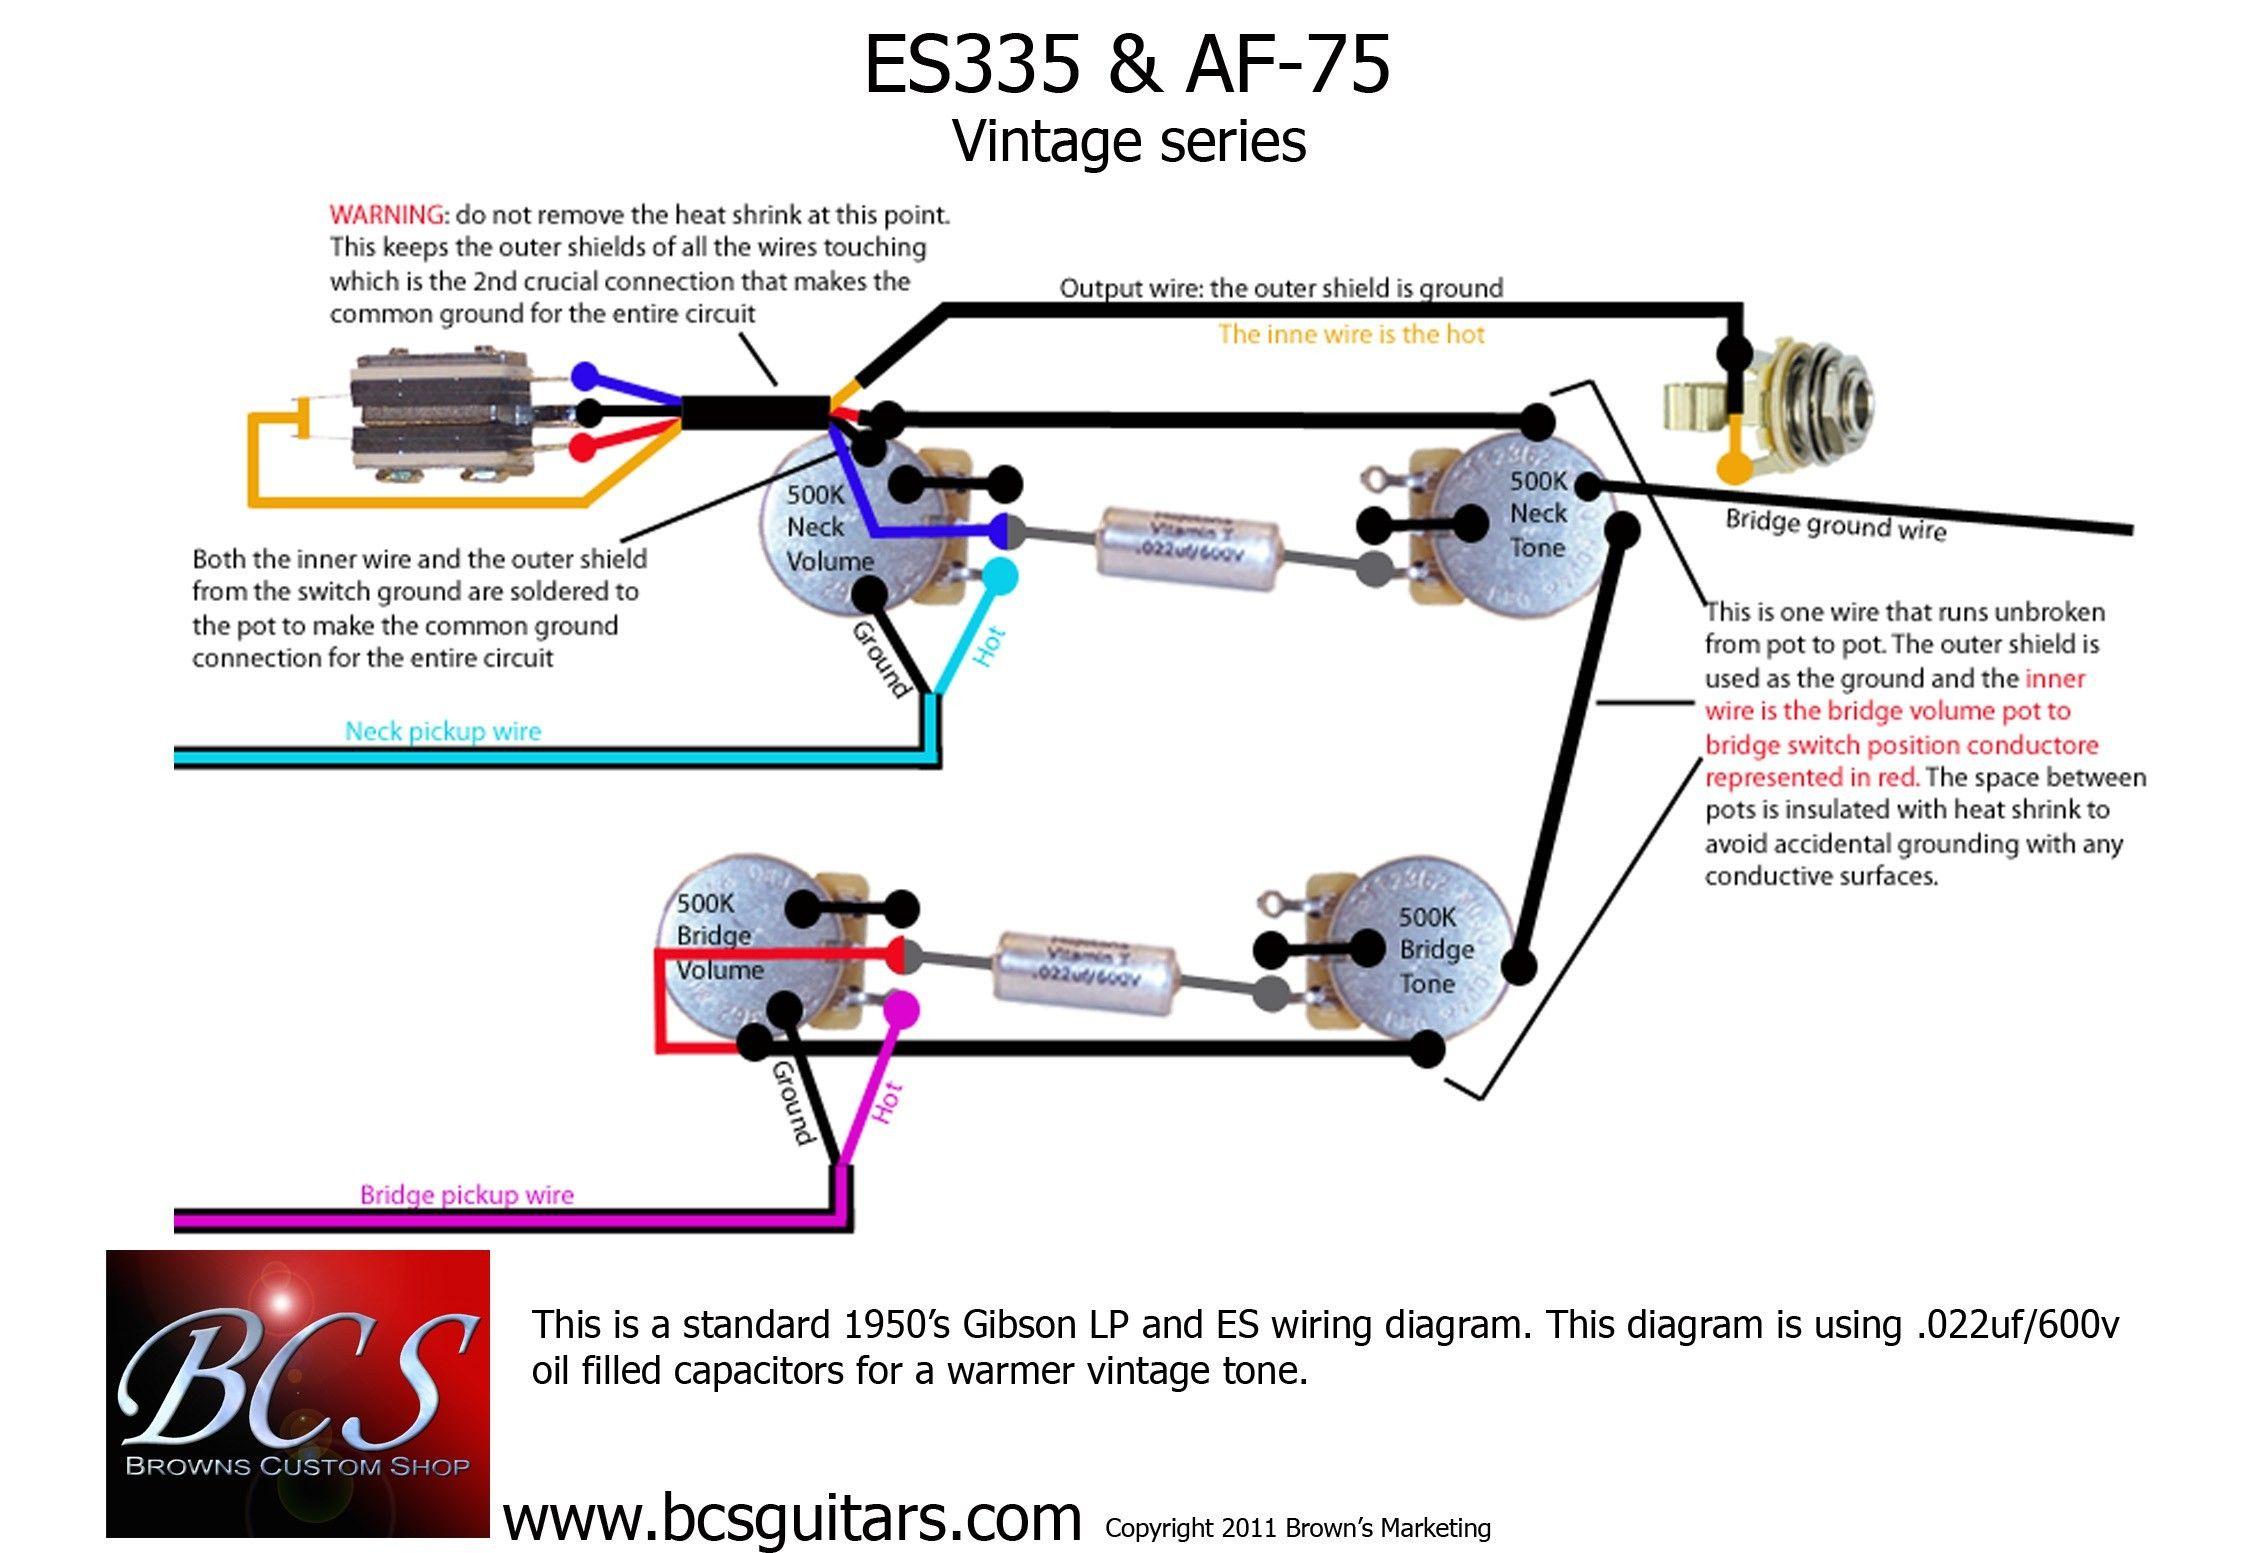 Unique Ovation Guitar Wiring Diagram Diagram Diagramsample Diagramtemplate Wiringdiagram Diagramchart Worksheet Worksheettempl Wire Gibson Es 335 Es 335